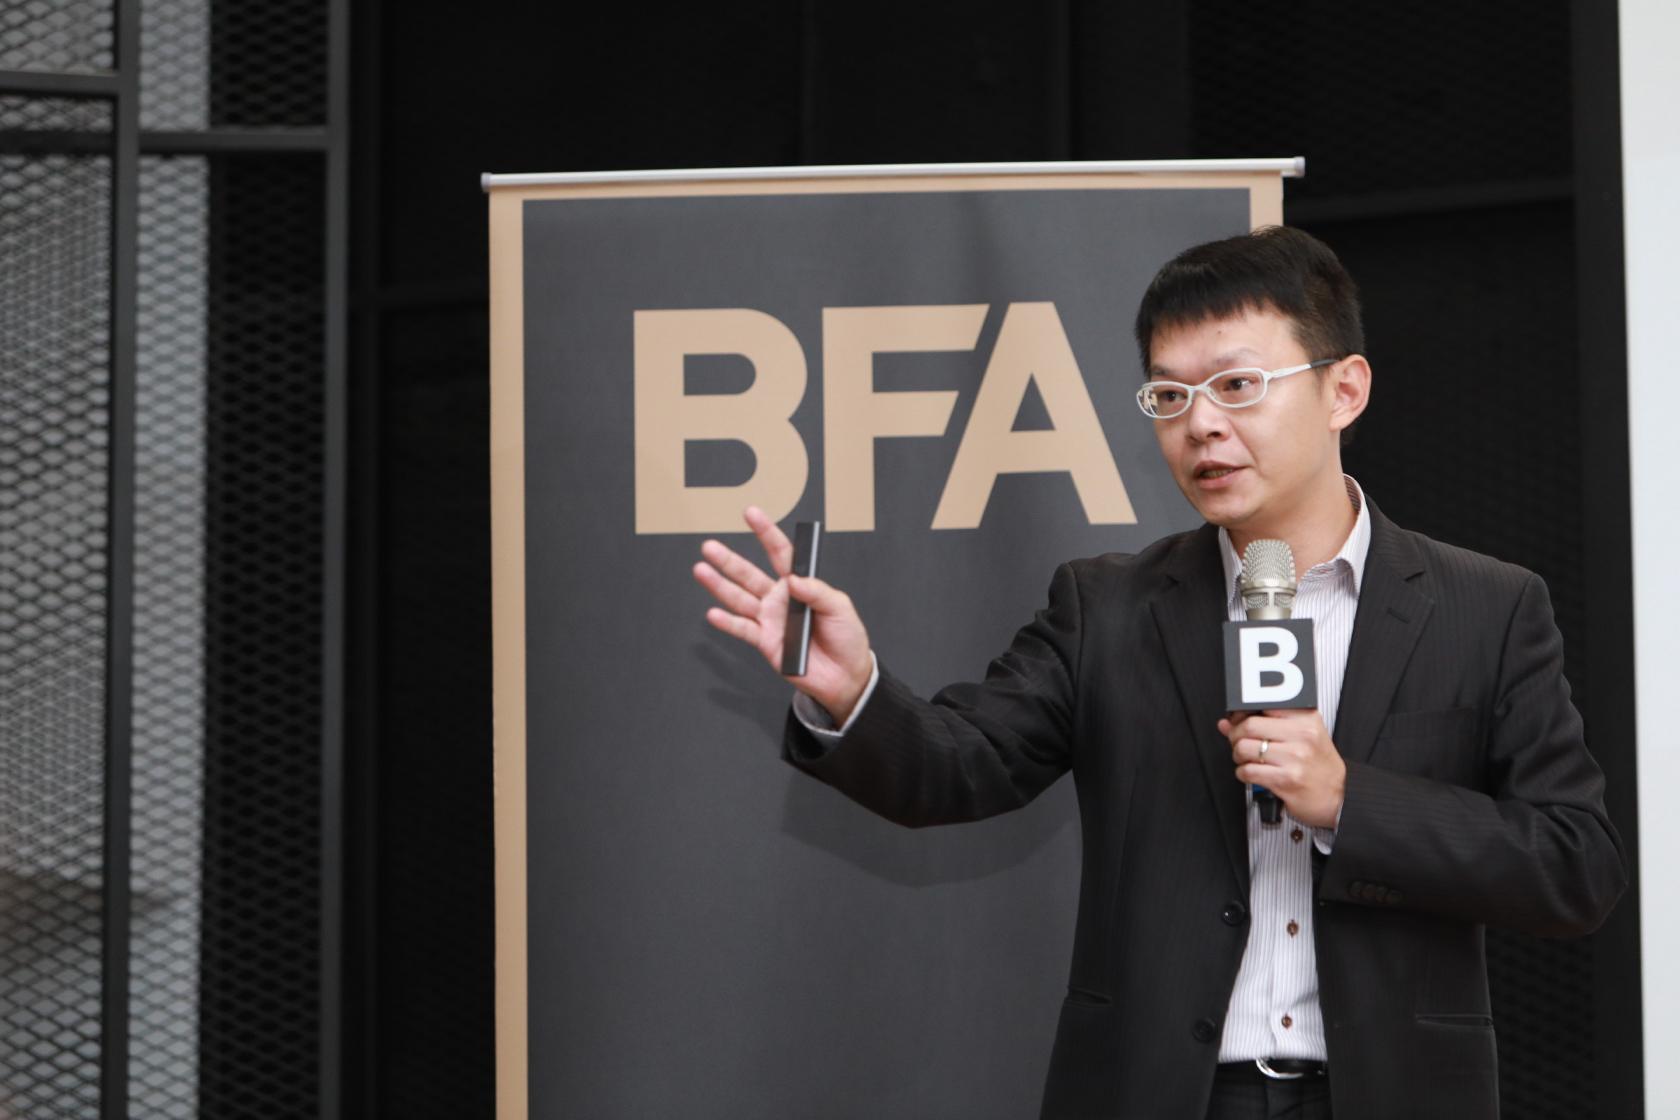 建成行銷顧問首席講師 解世博:有了想法的高度,才有說法的力度